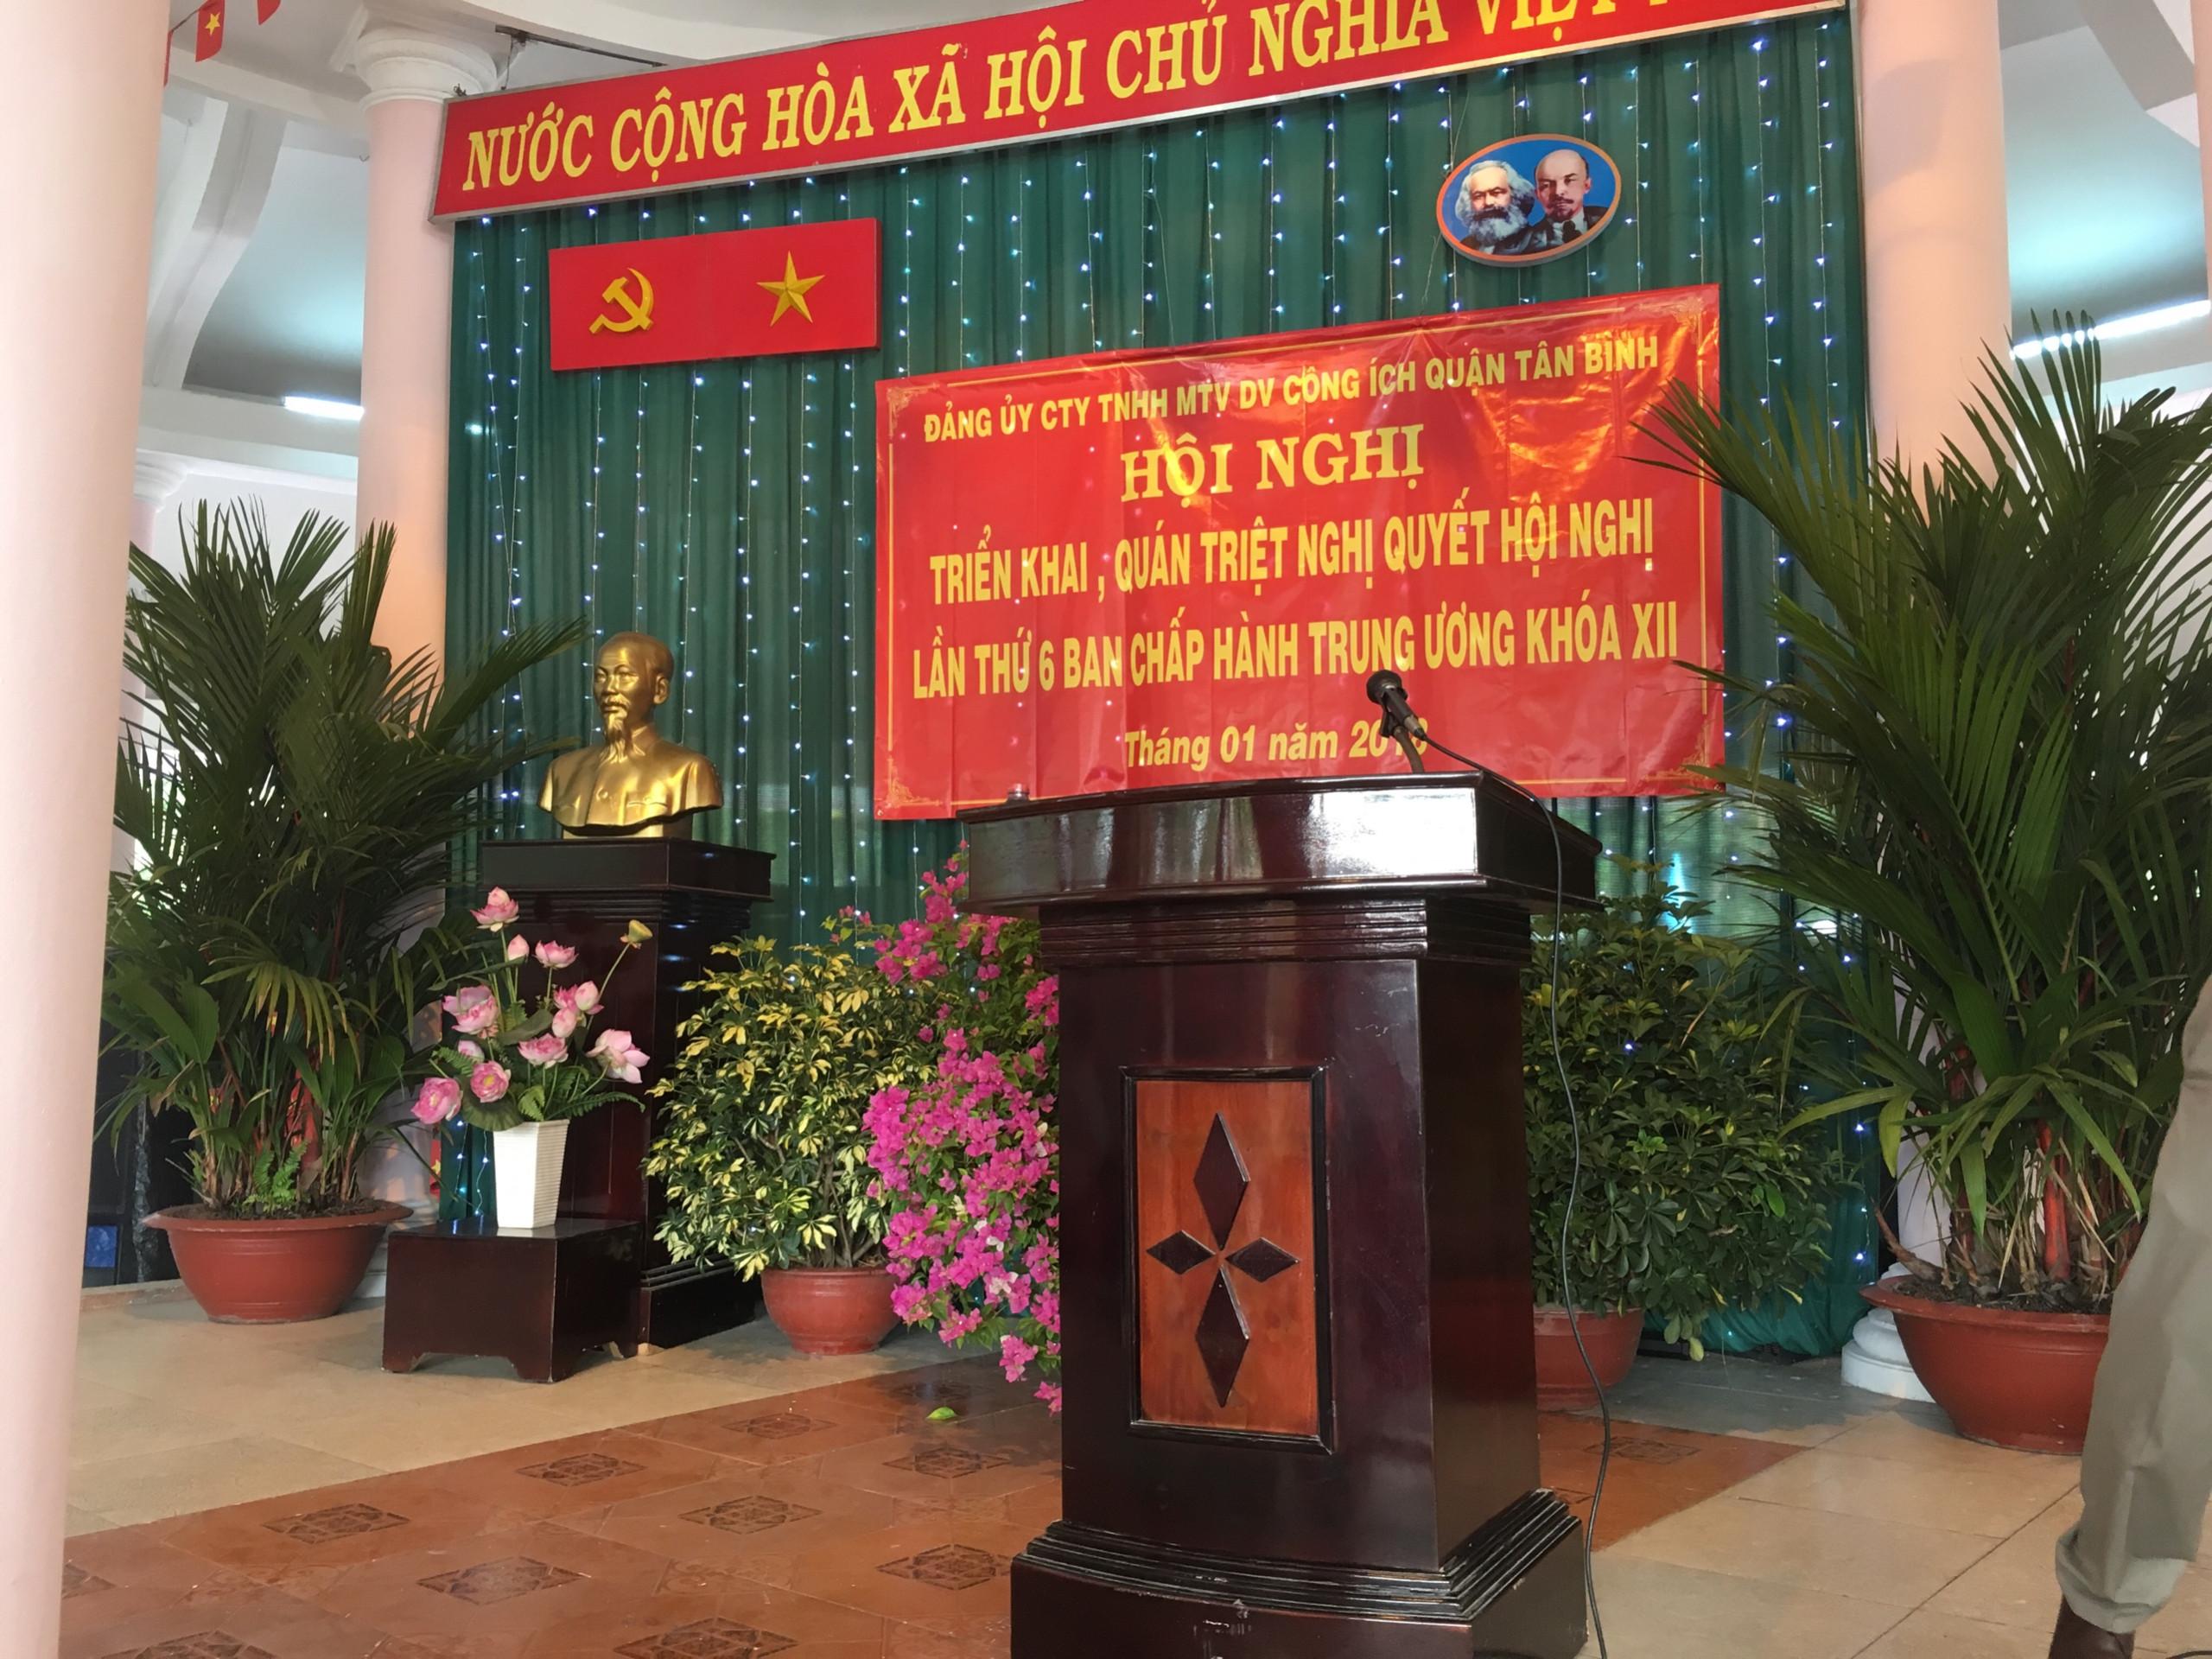 Hội nghị triển khai, quán triệt Nghị quyết Hội nghị lần thứ 6 Ban chấp hành Trung ương khóa XII